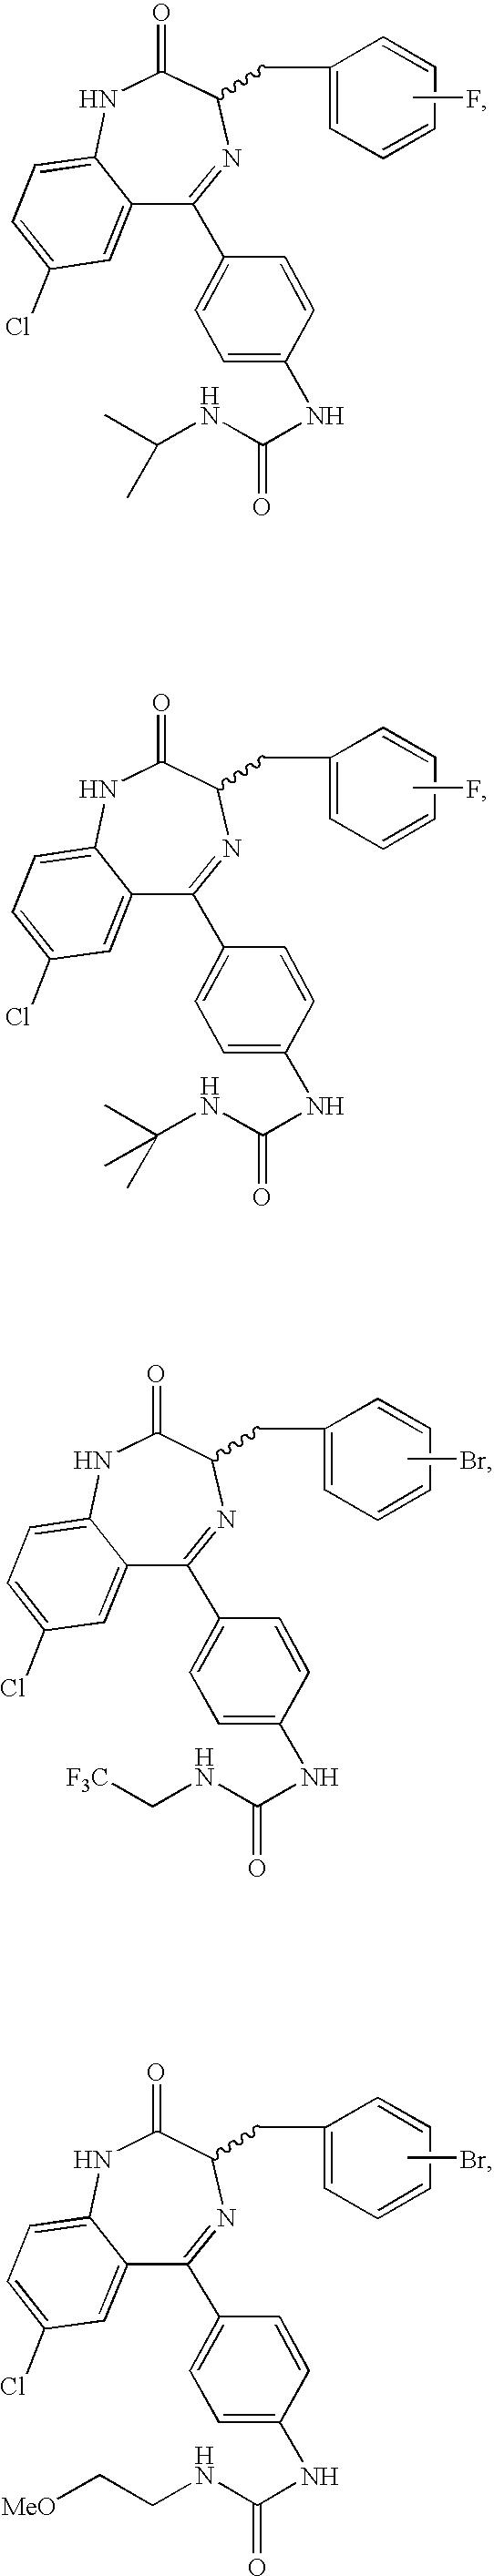 Figure US07851465-20101214-C00007